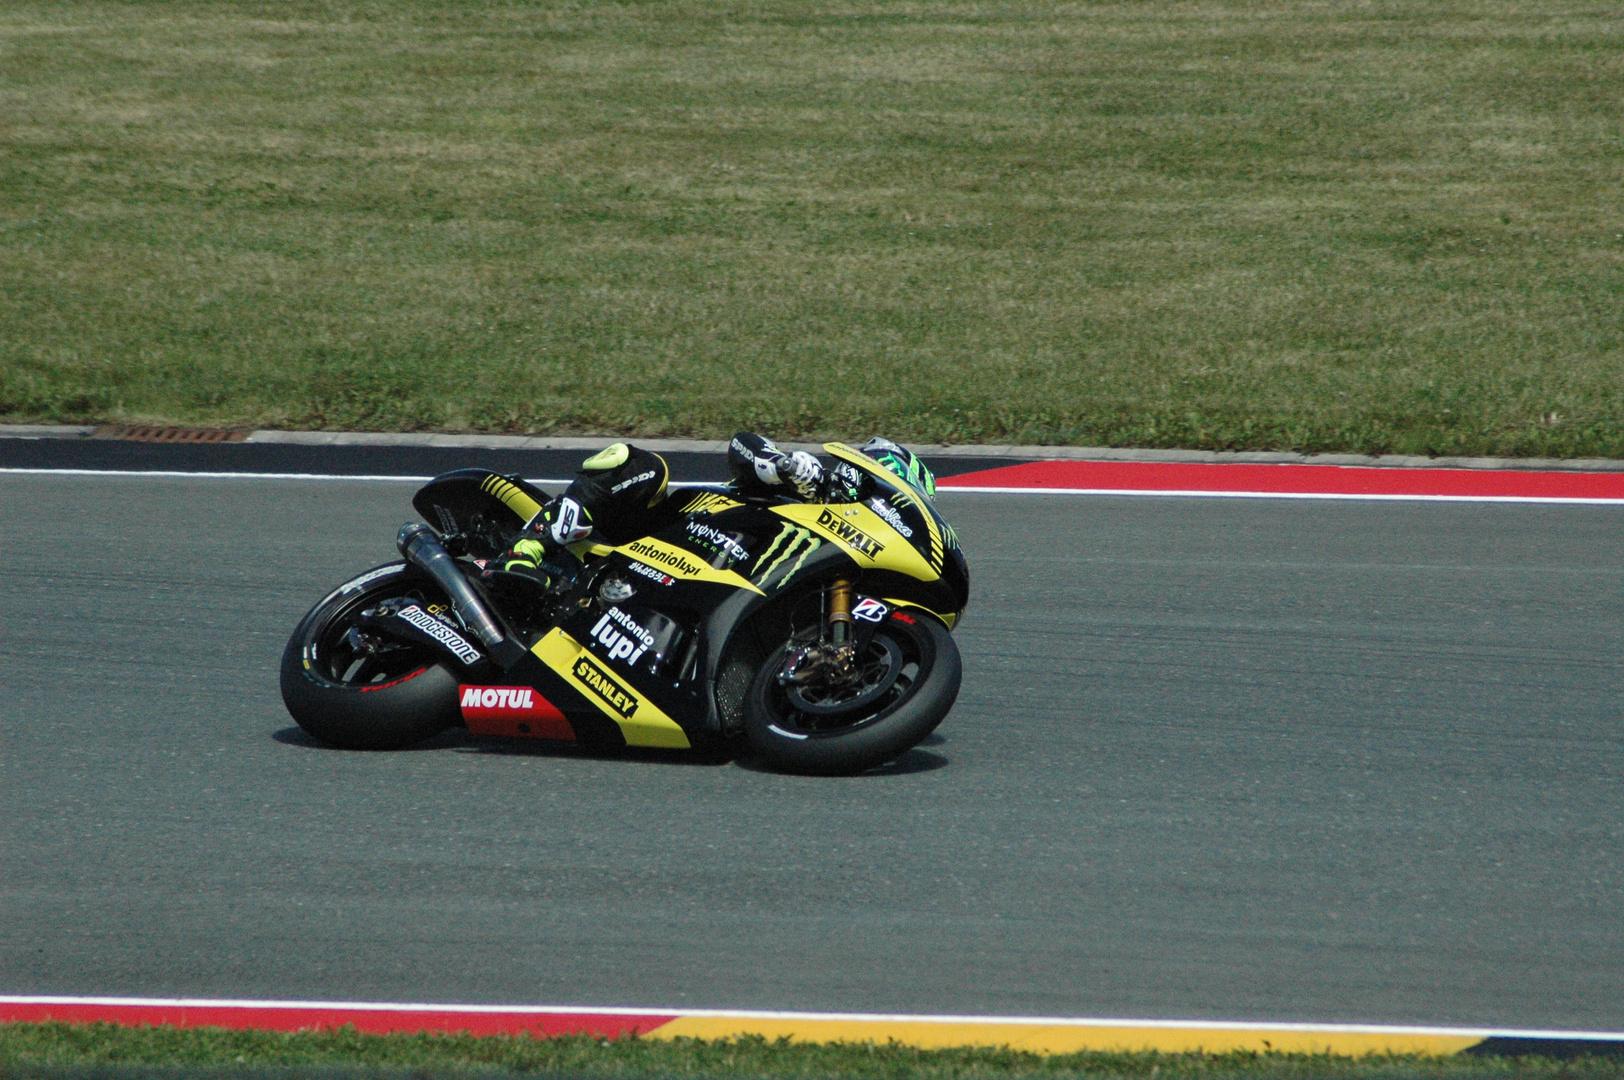 Moto GP 2011 (3)